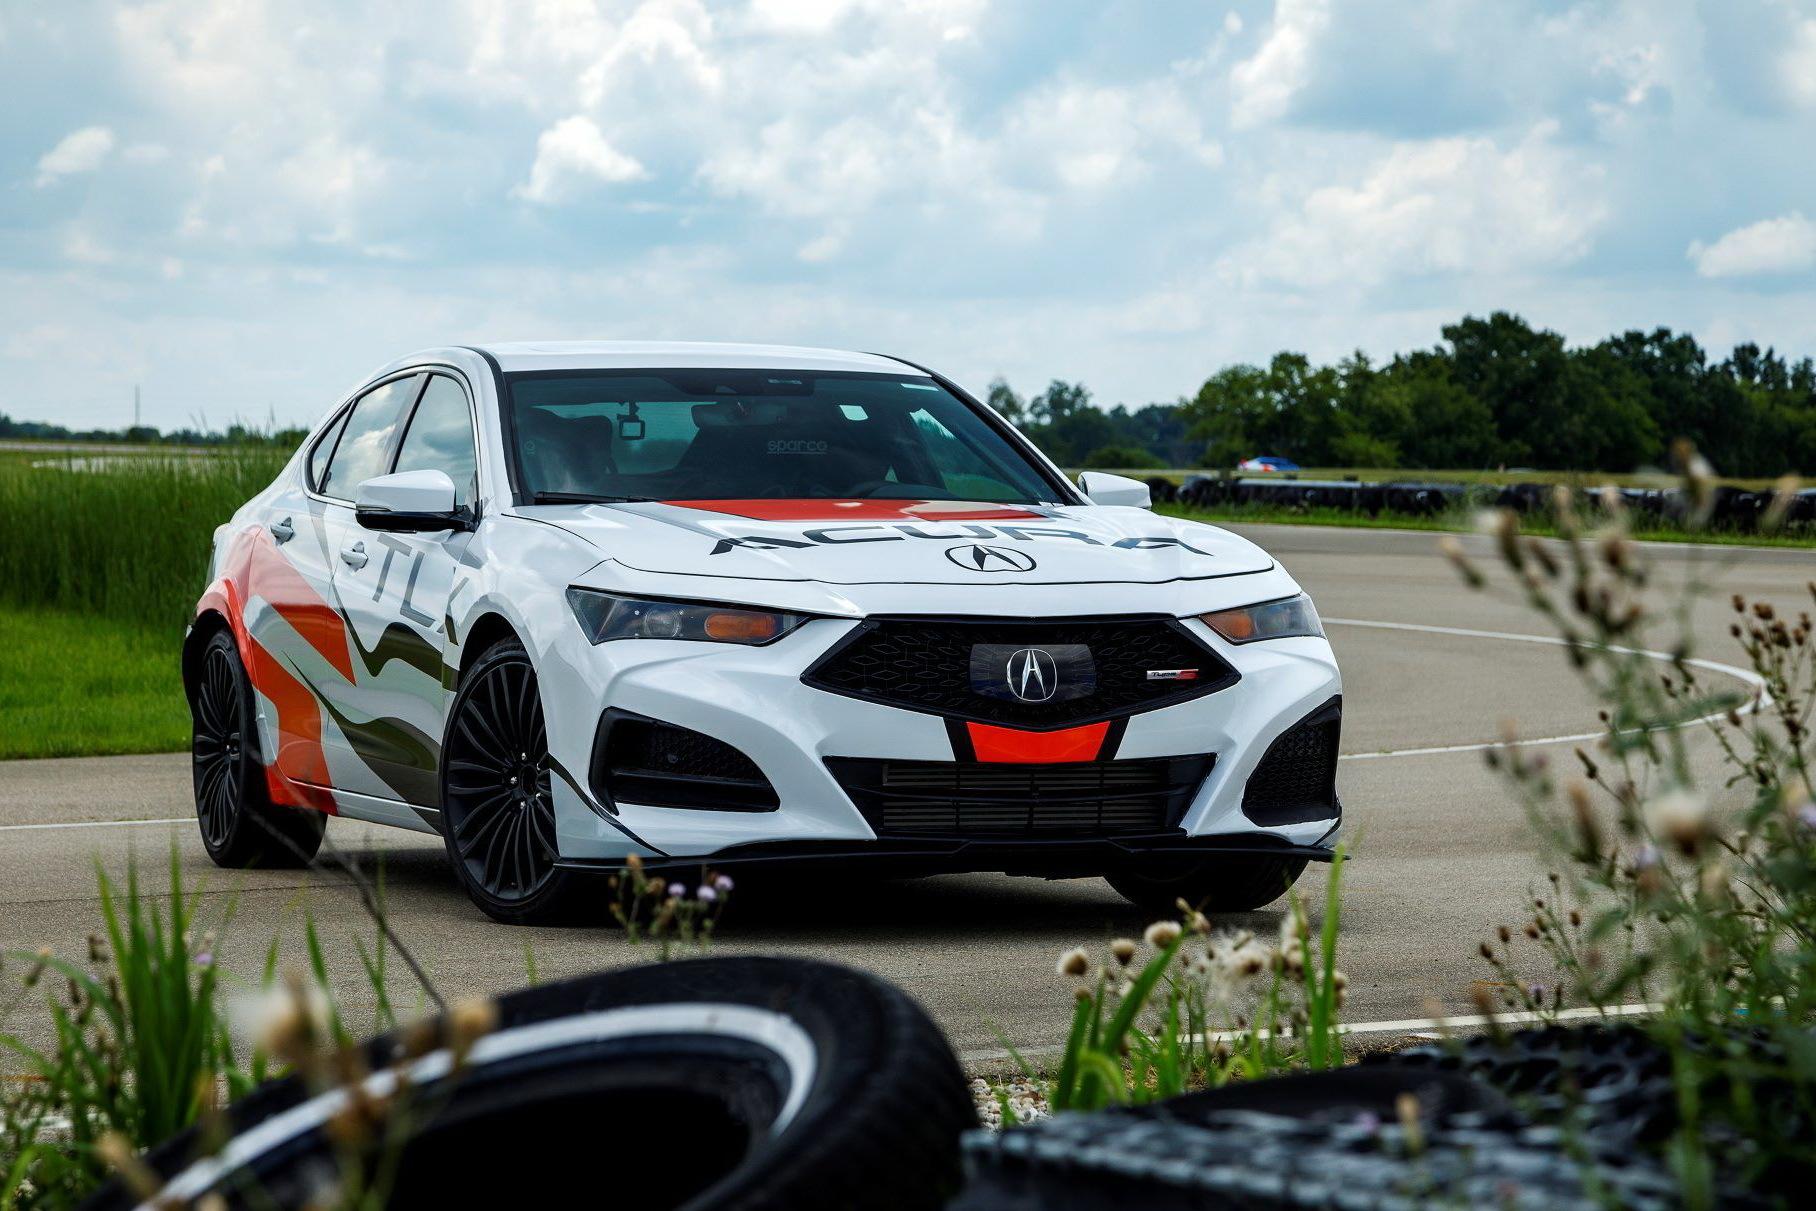 Honda раскрыла характеристики турбомотора V6 для «заряженных» моделей